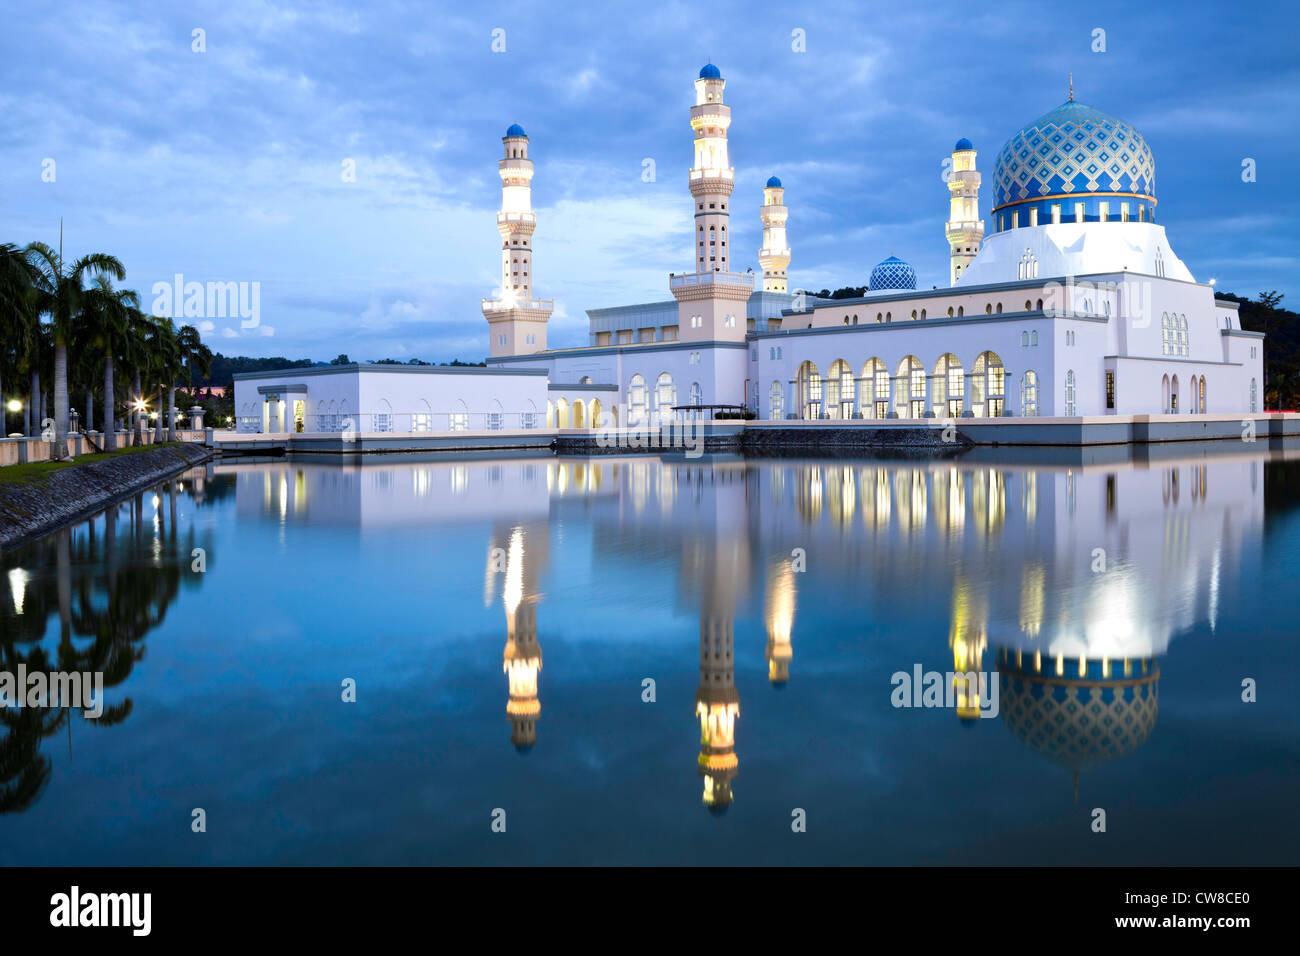 Kota Kinabalu City Mosque at dusk. Stock Photo